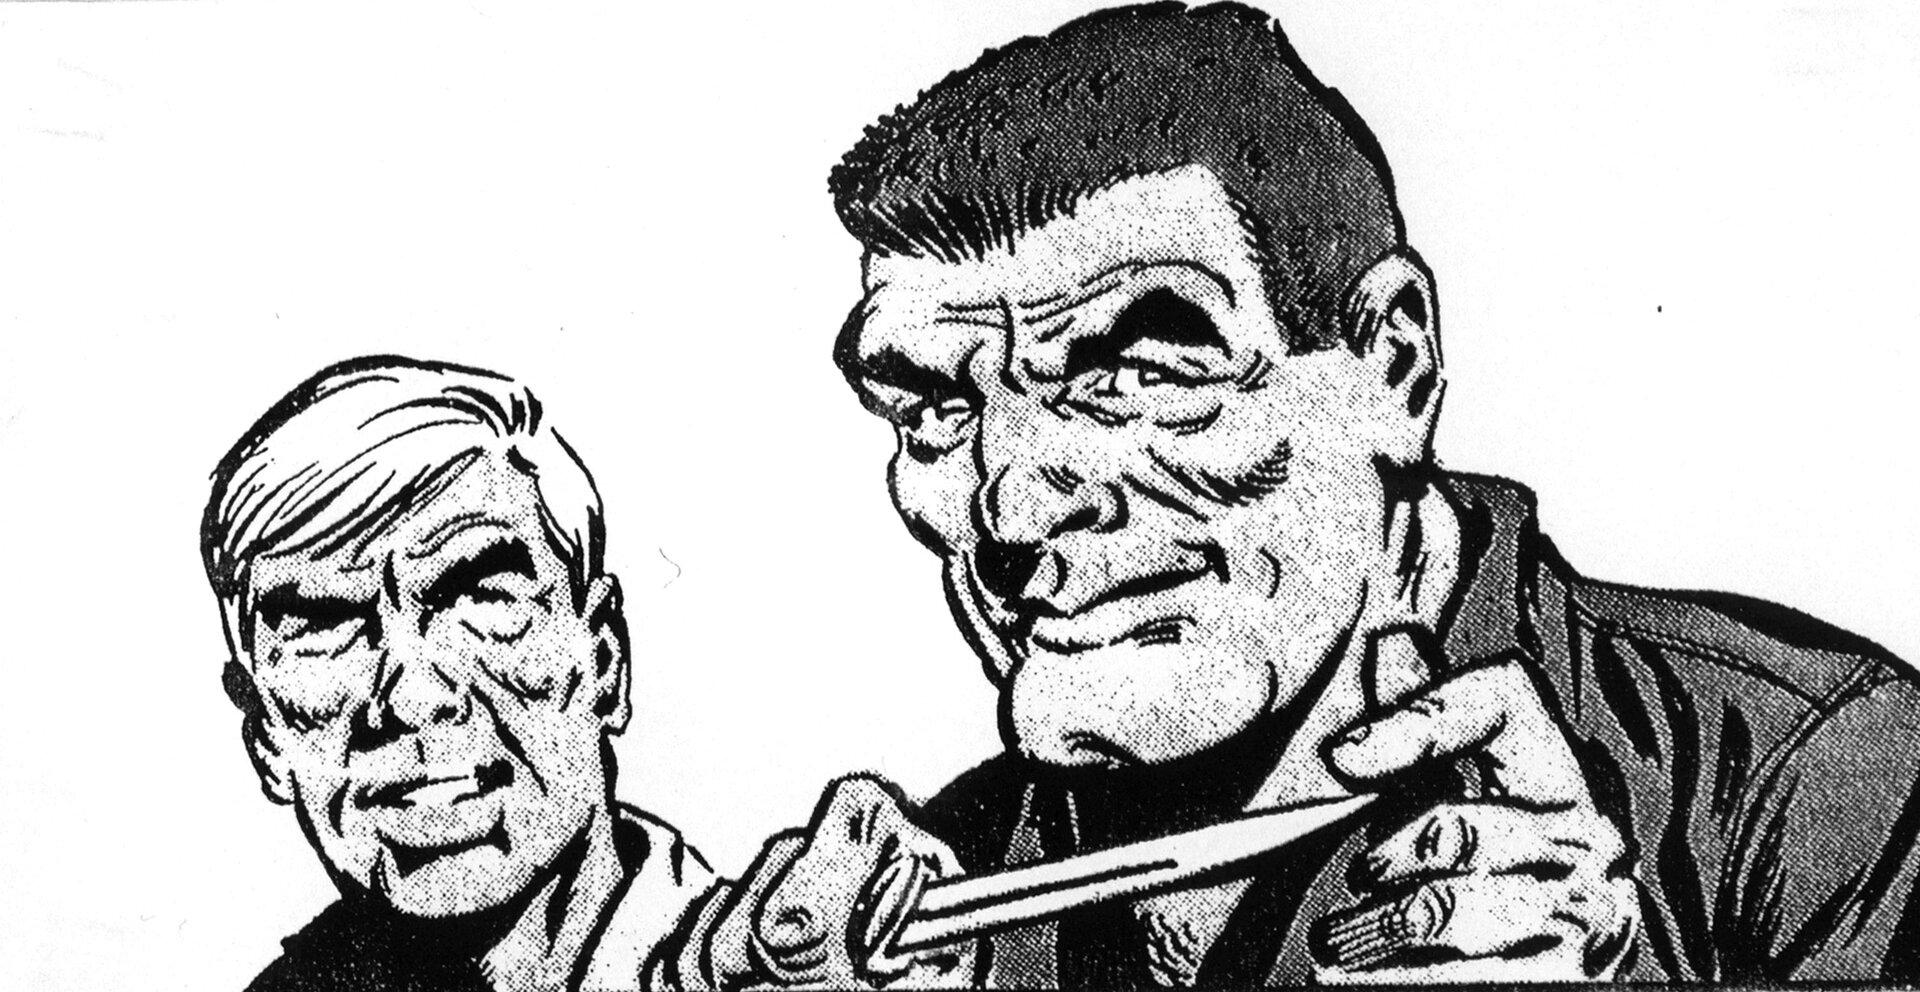 """Ilustracja przedstawia ilustrację zkomiksu Jerzego Wróblewskiego """"Skradziony Skarb"""". Na ilustracji widoczni są dwaj mężczyźni. Jeden zmężczyzn ma nóż zostrym zakończeniem."""